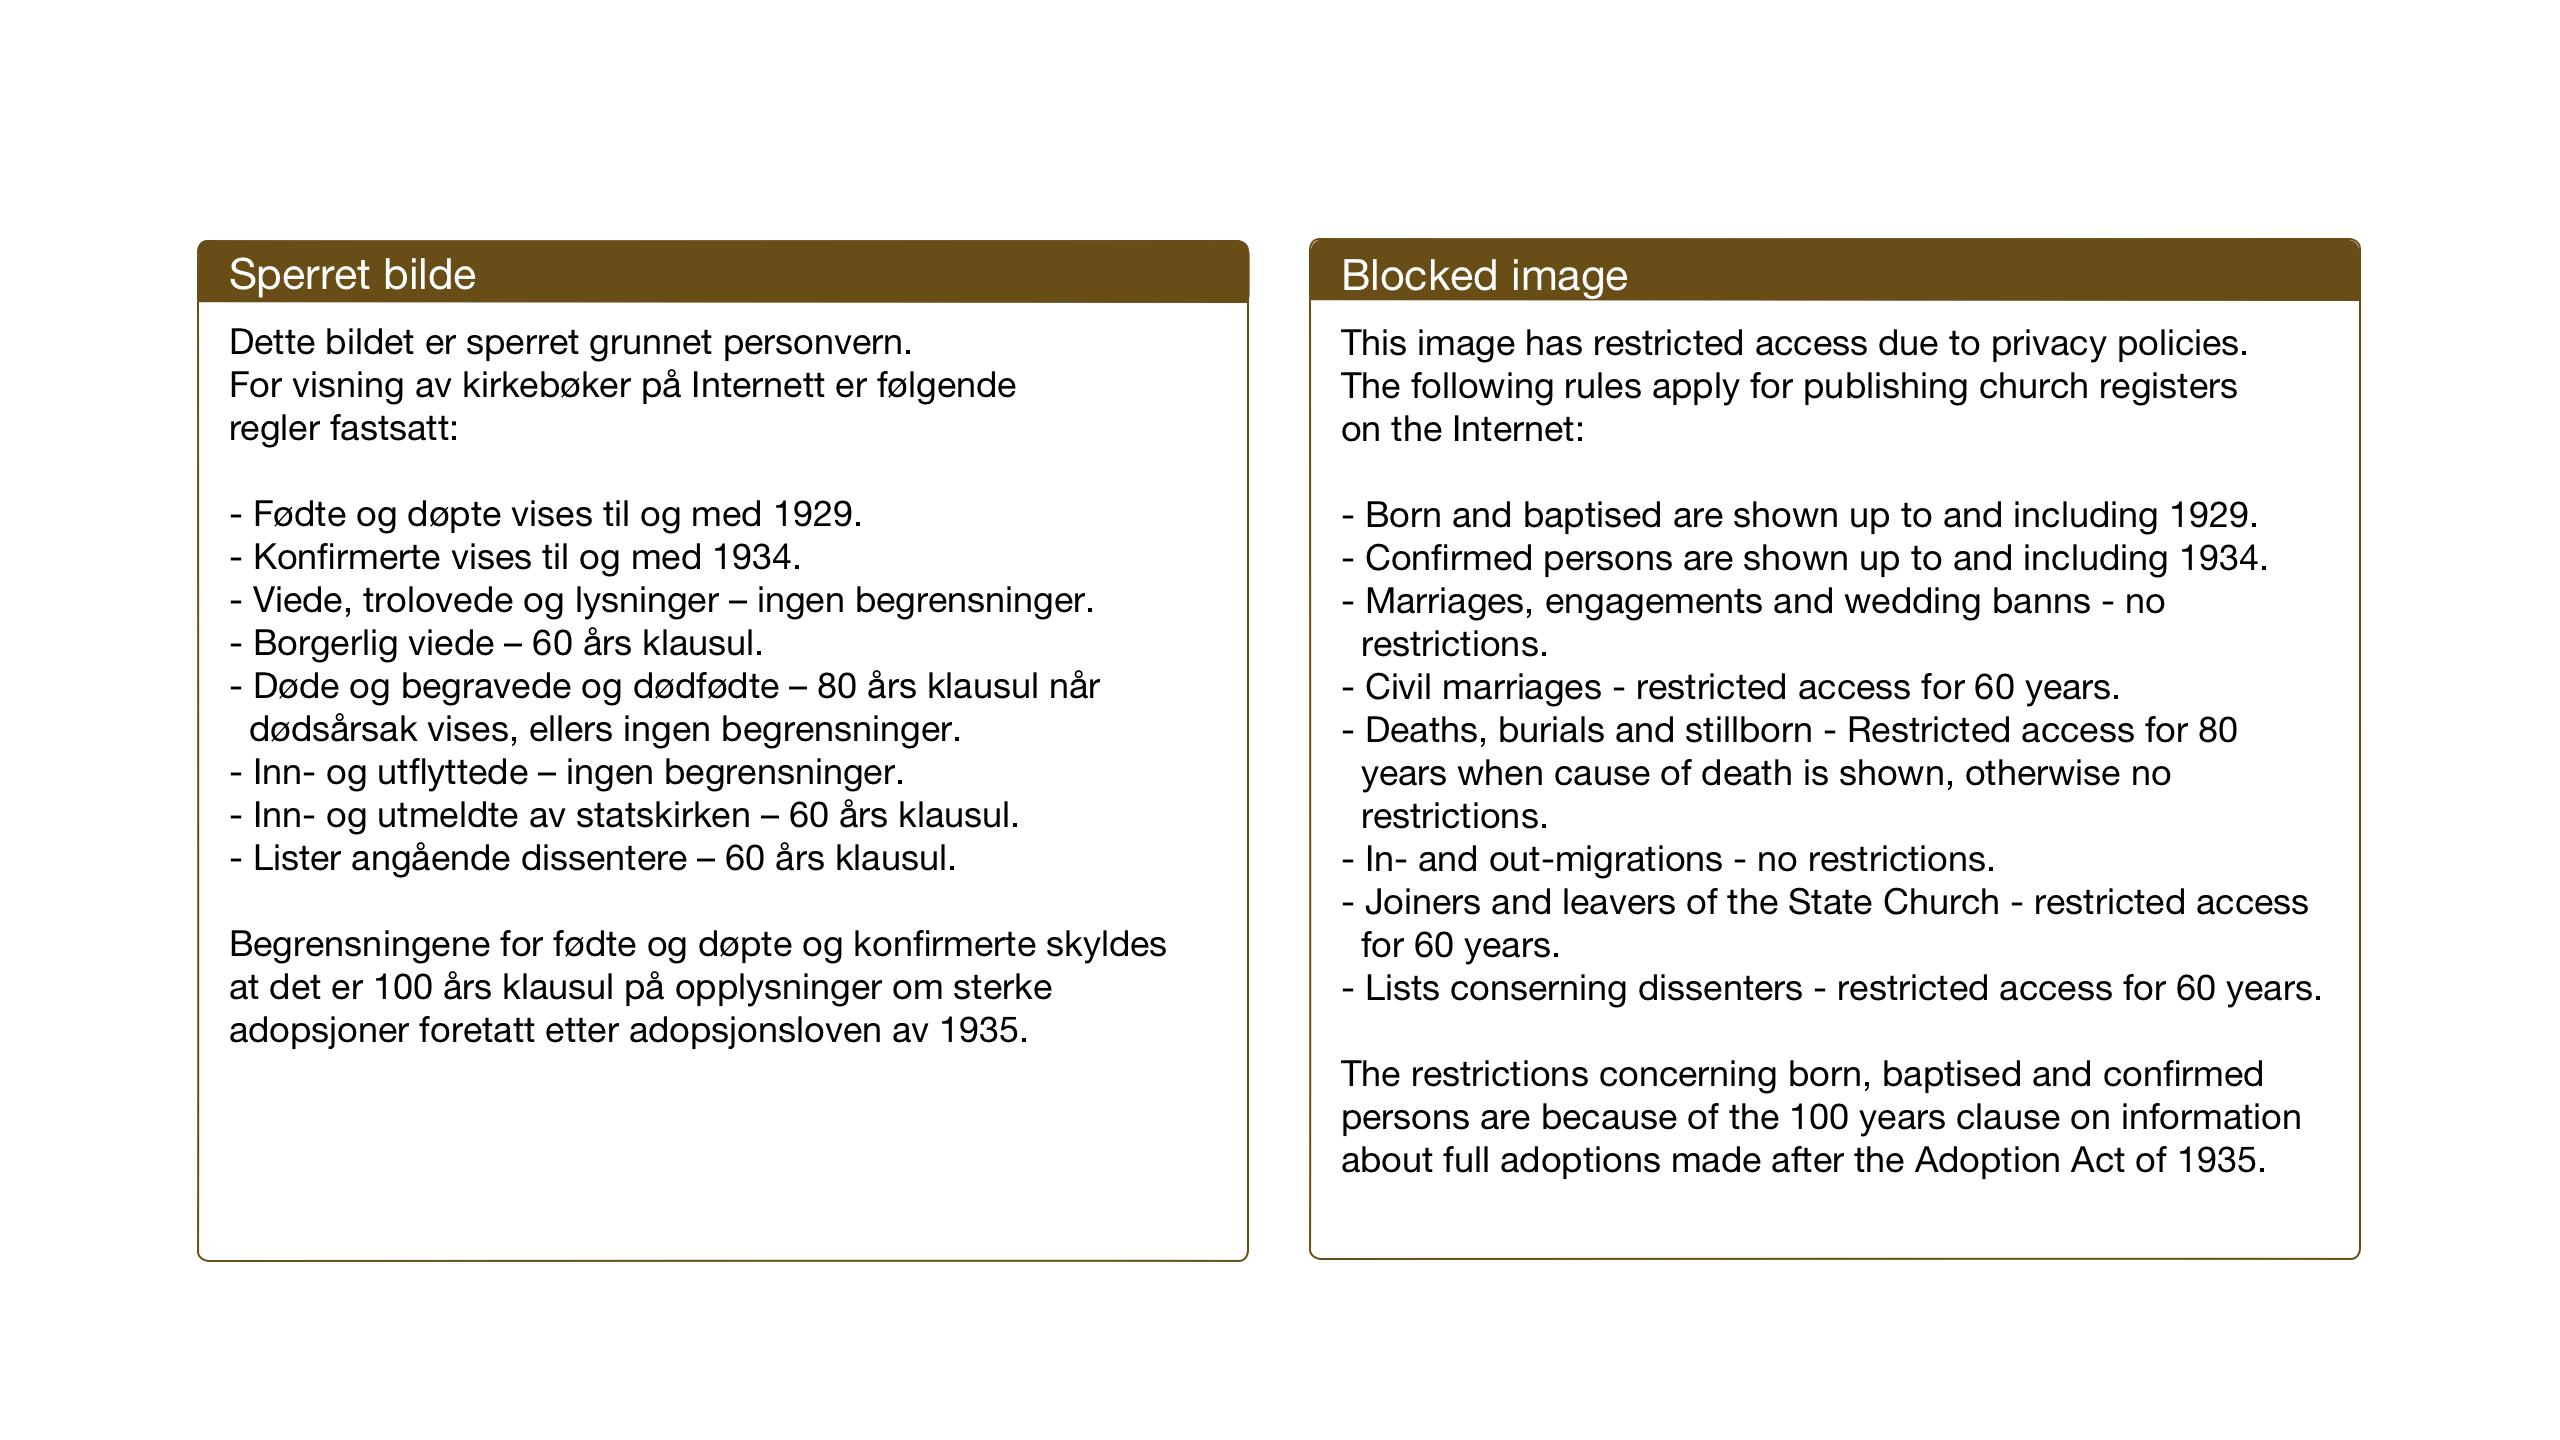 SAT, Ministerialprotokoller, klokkerbøker og fødselsregistre - Sør-Trøndelag, 698/L1169: Klokkerbok nr. 698C06, 1930-1949, s. 10